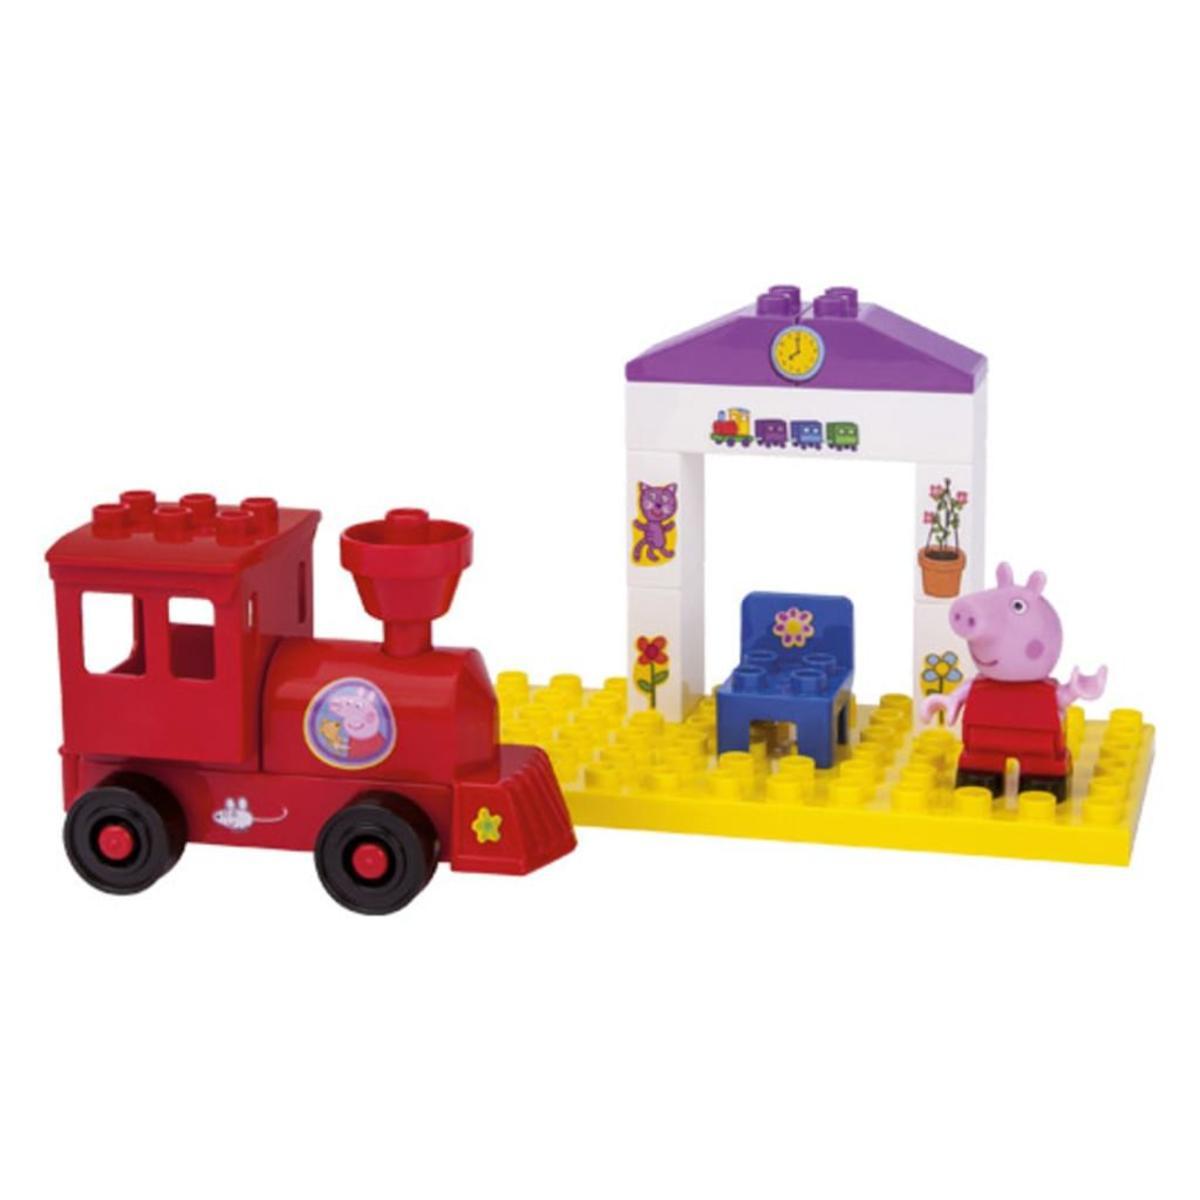 Bild 2 von BIG PlayBIG Bloxx Peppa Train Stop, 800057072